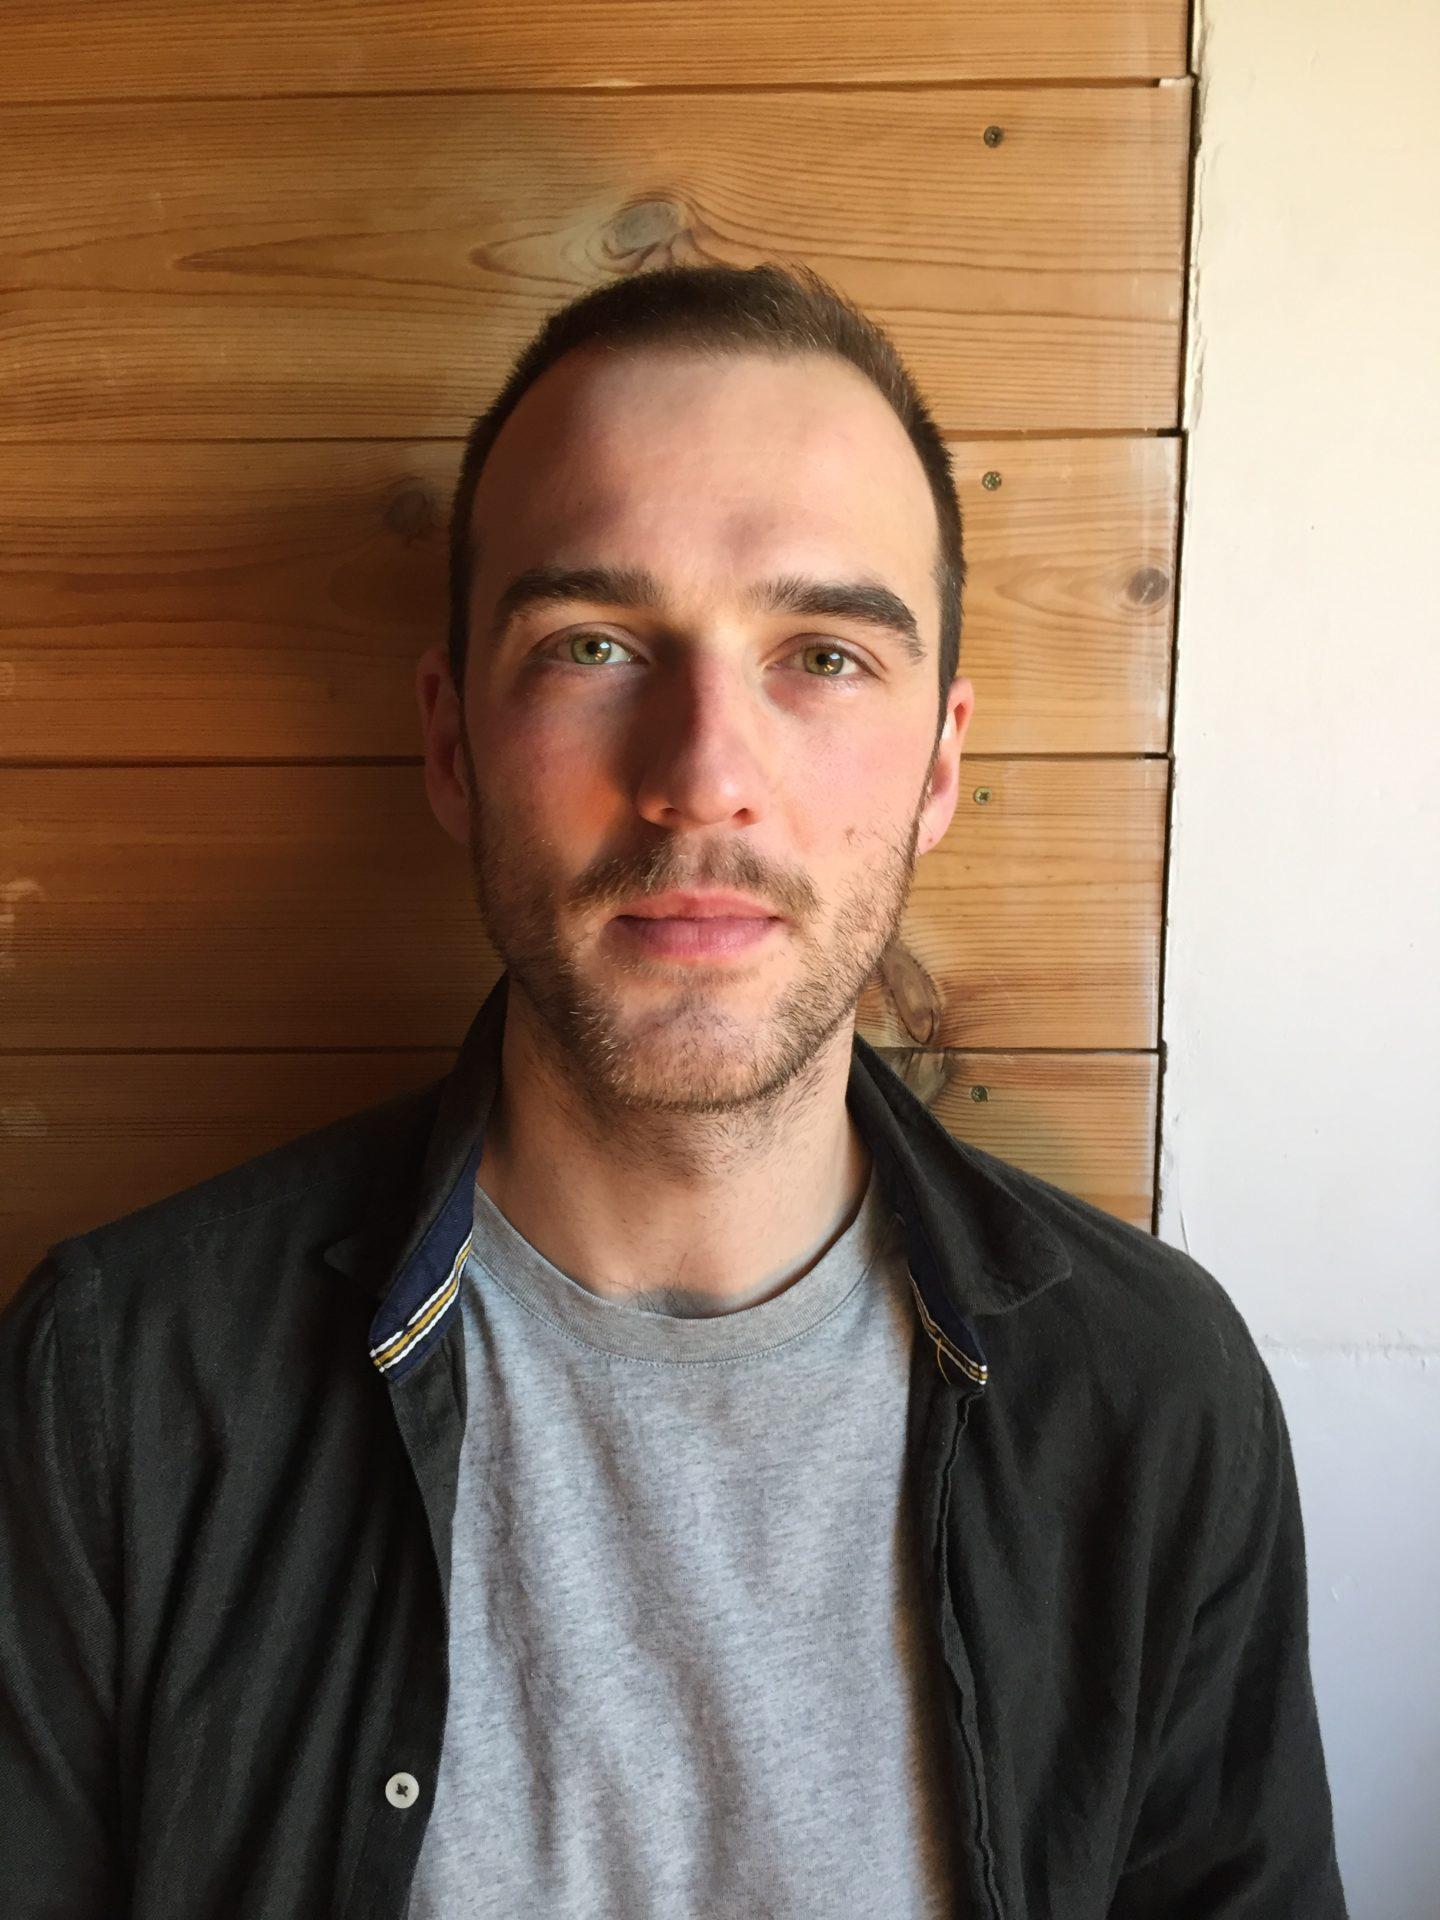 Portrait de Maxence Voiseaux